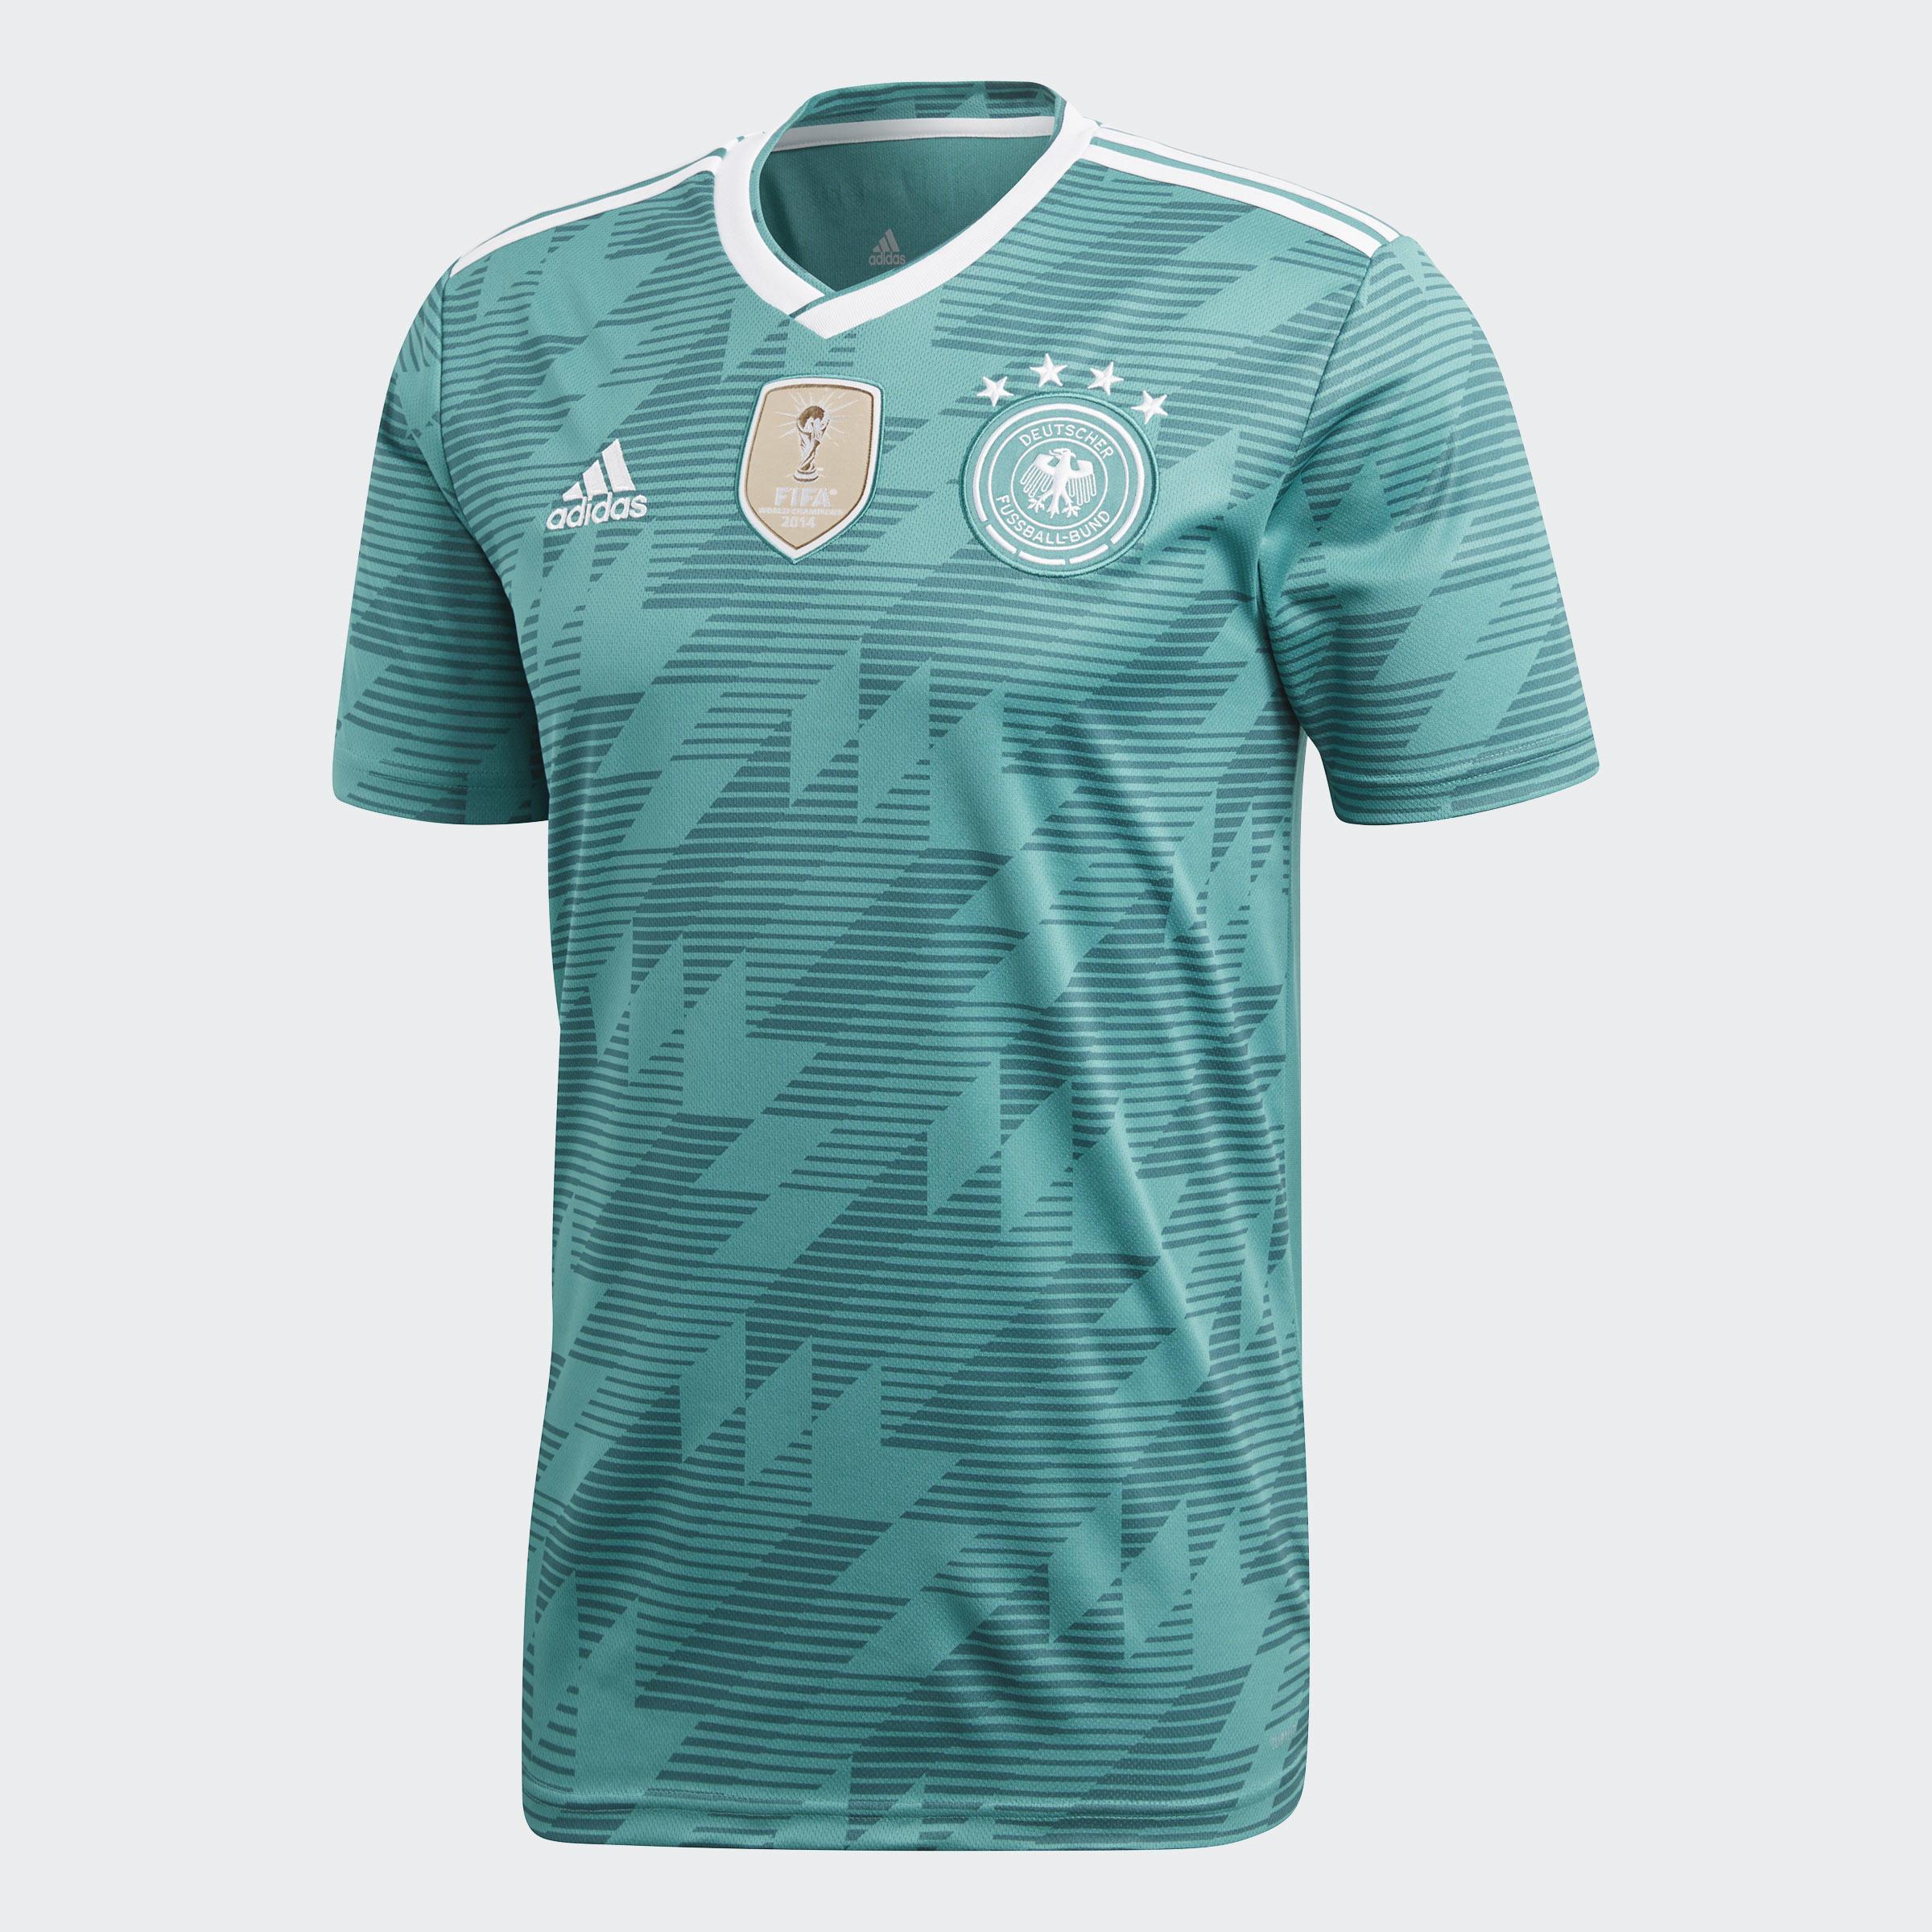 Adidas Voetbalshirt Duitsland uitshirt WK 2018 voor volwassenen groen